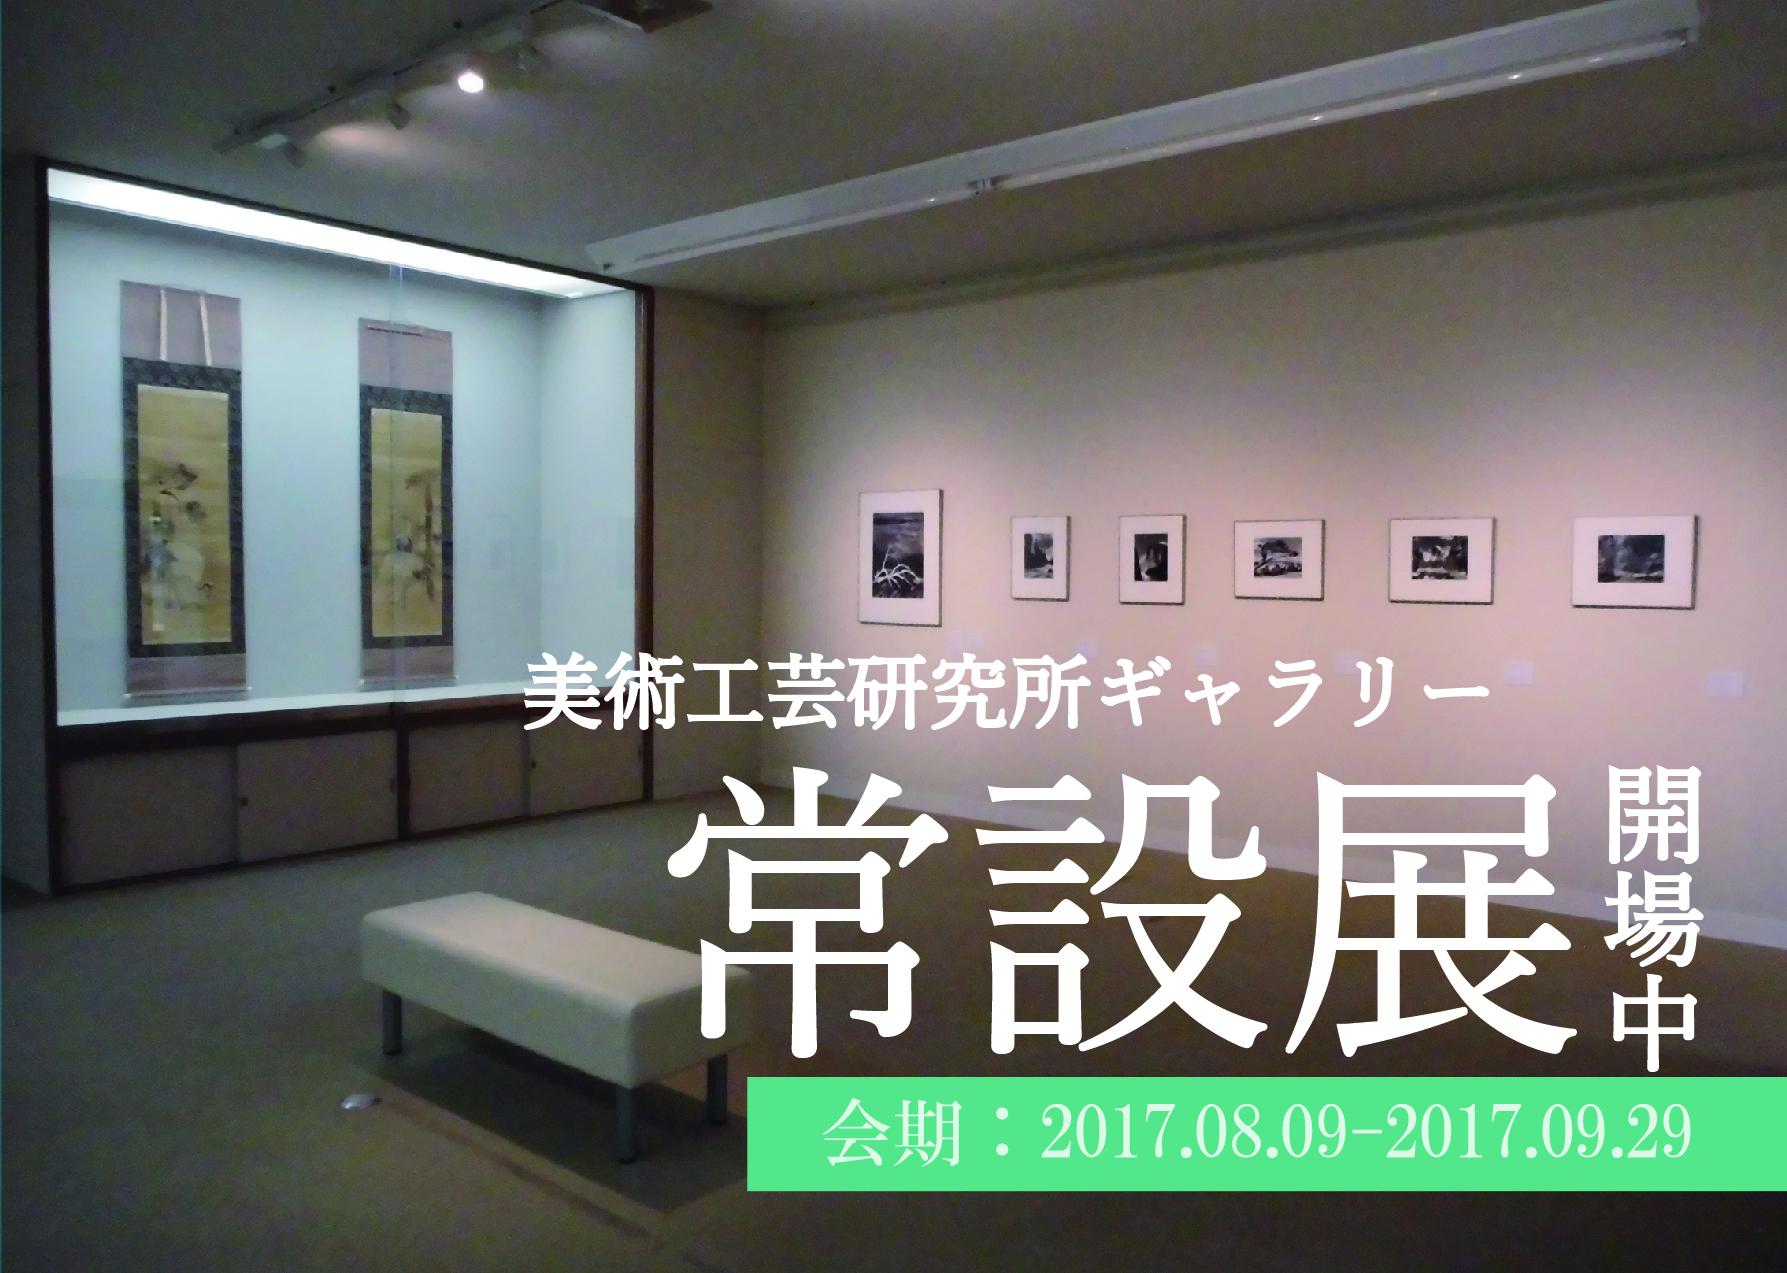 【美術工芸研究所ギャラリー】常設展が開催中です